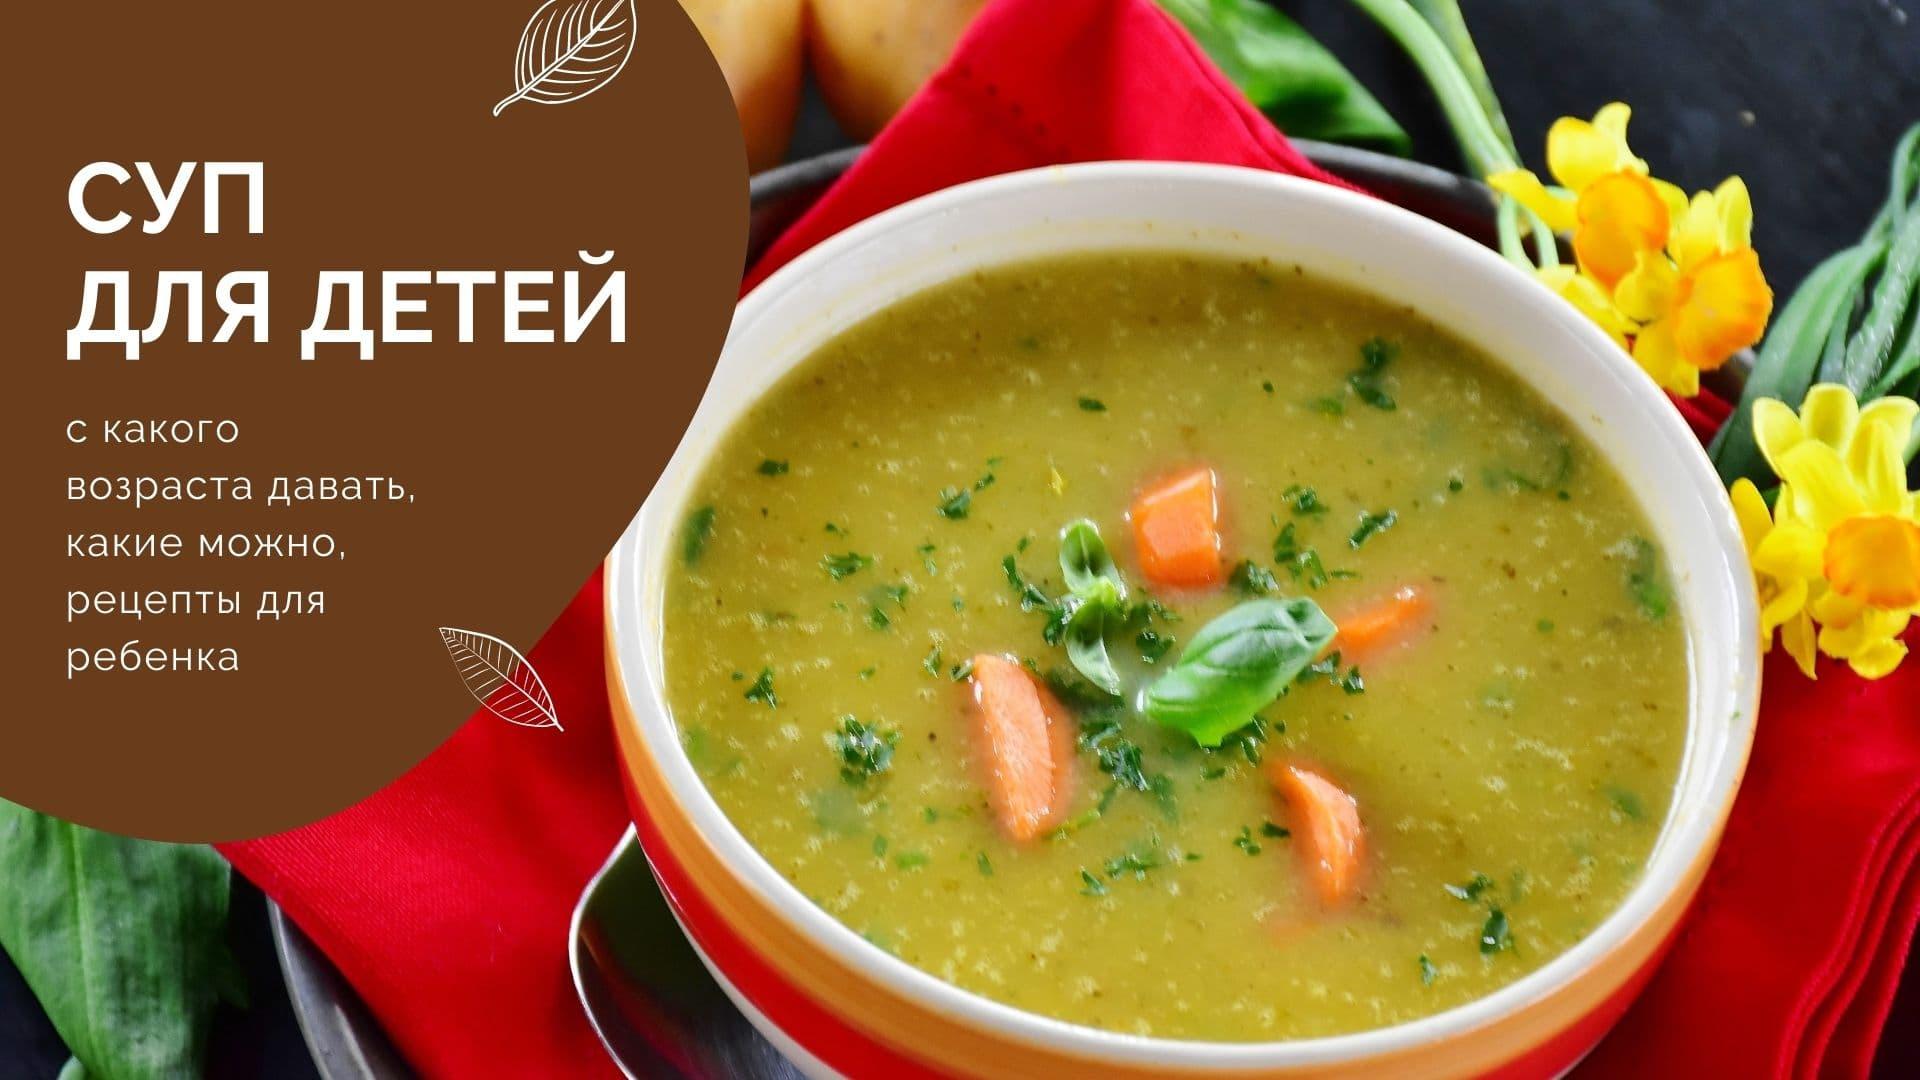 Суп для детей: с какого возраста давать, какие можно, рецепты для ребенка